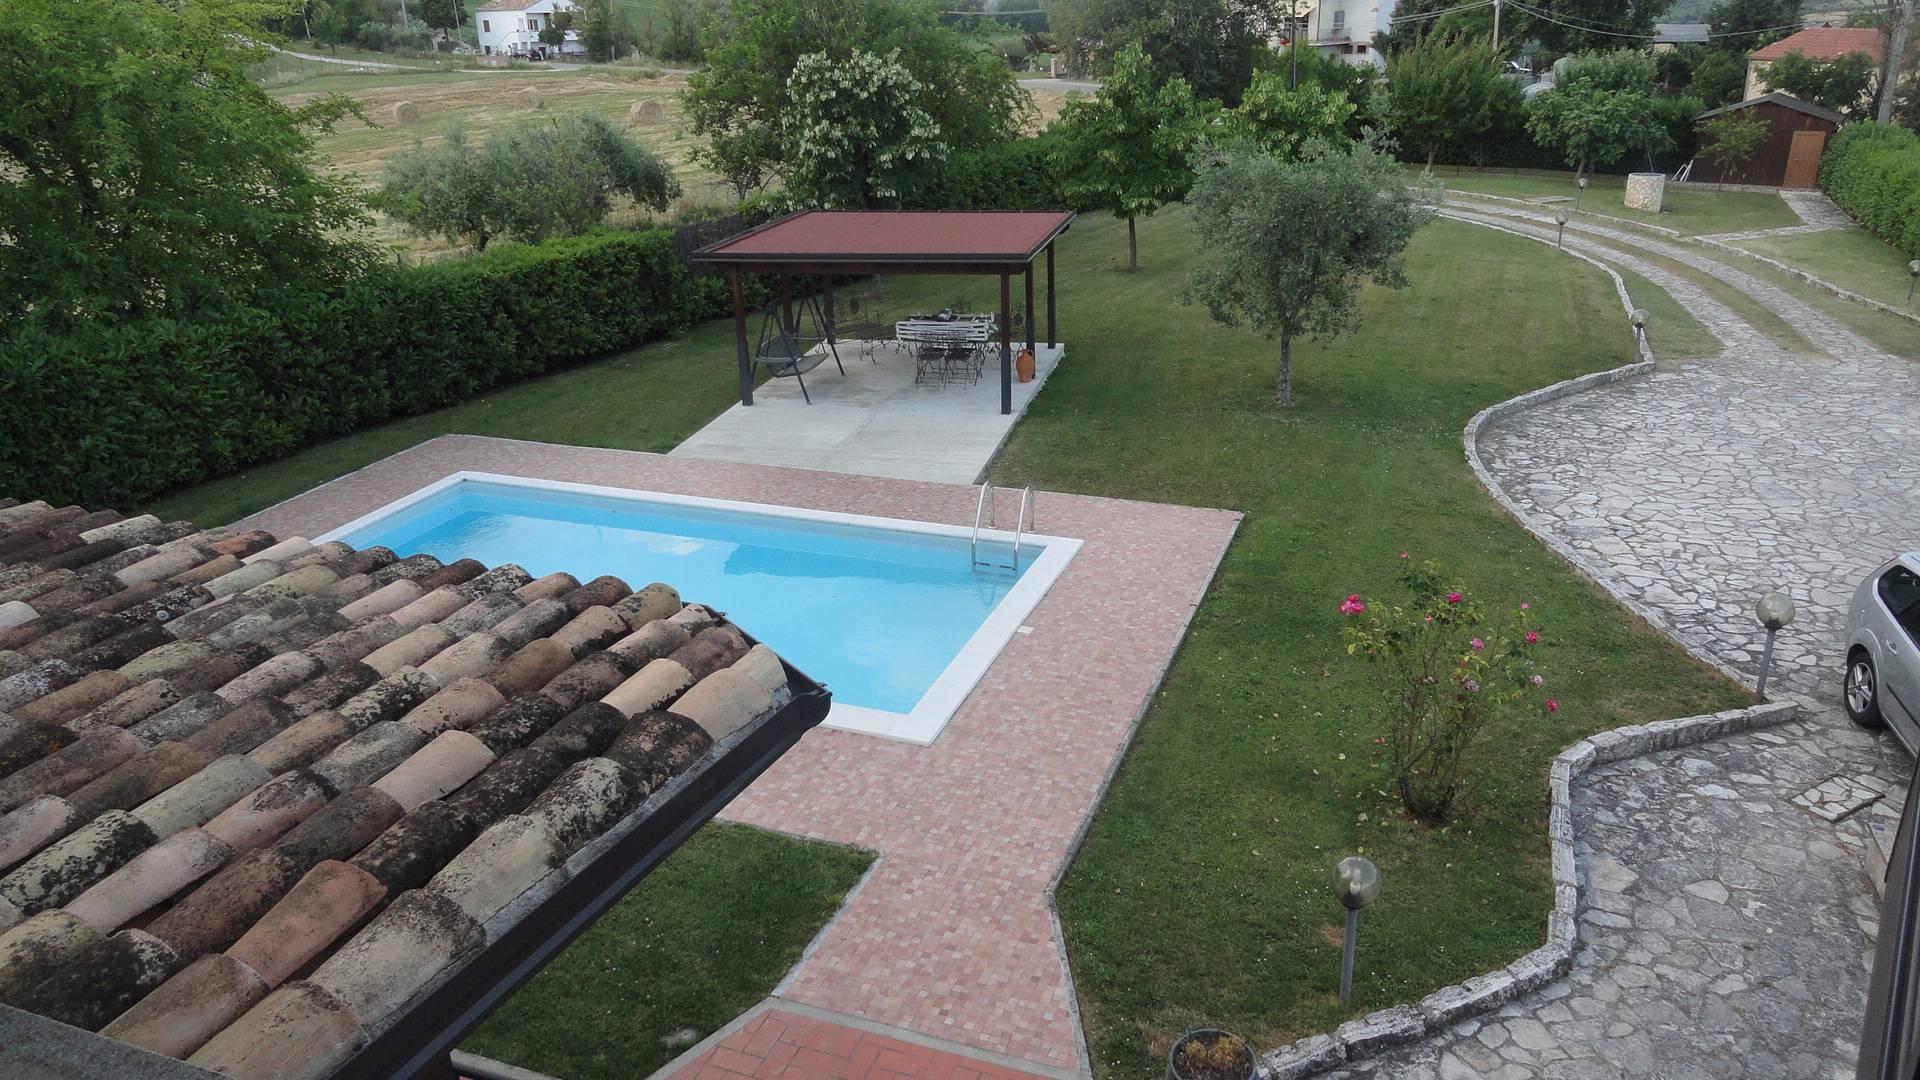 Villa in vendita a Teramo, 5 locali, zona Zona: Nepezzano, prezzo € 390.000 | Cambio Casa.it